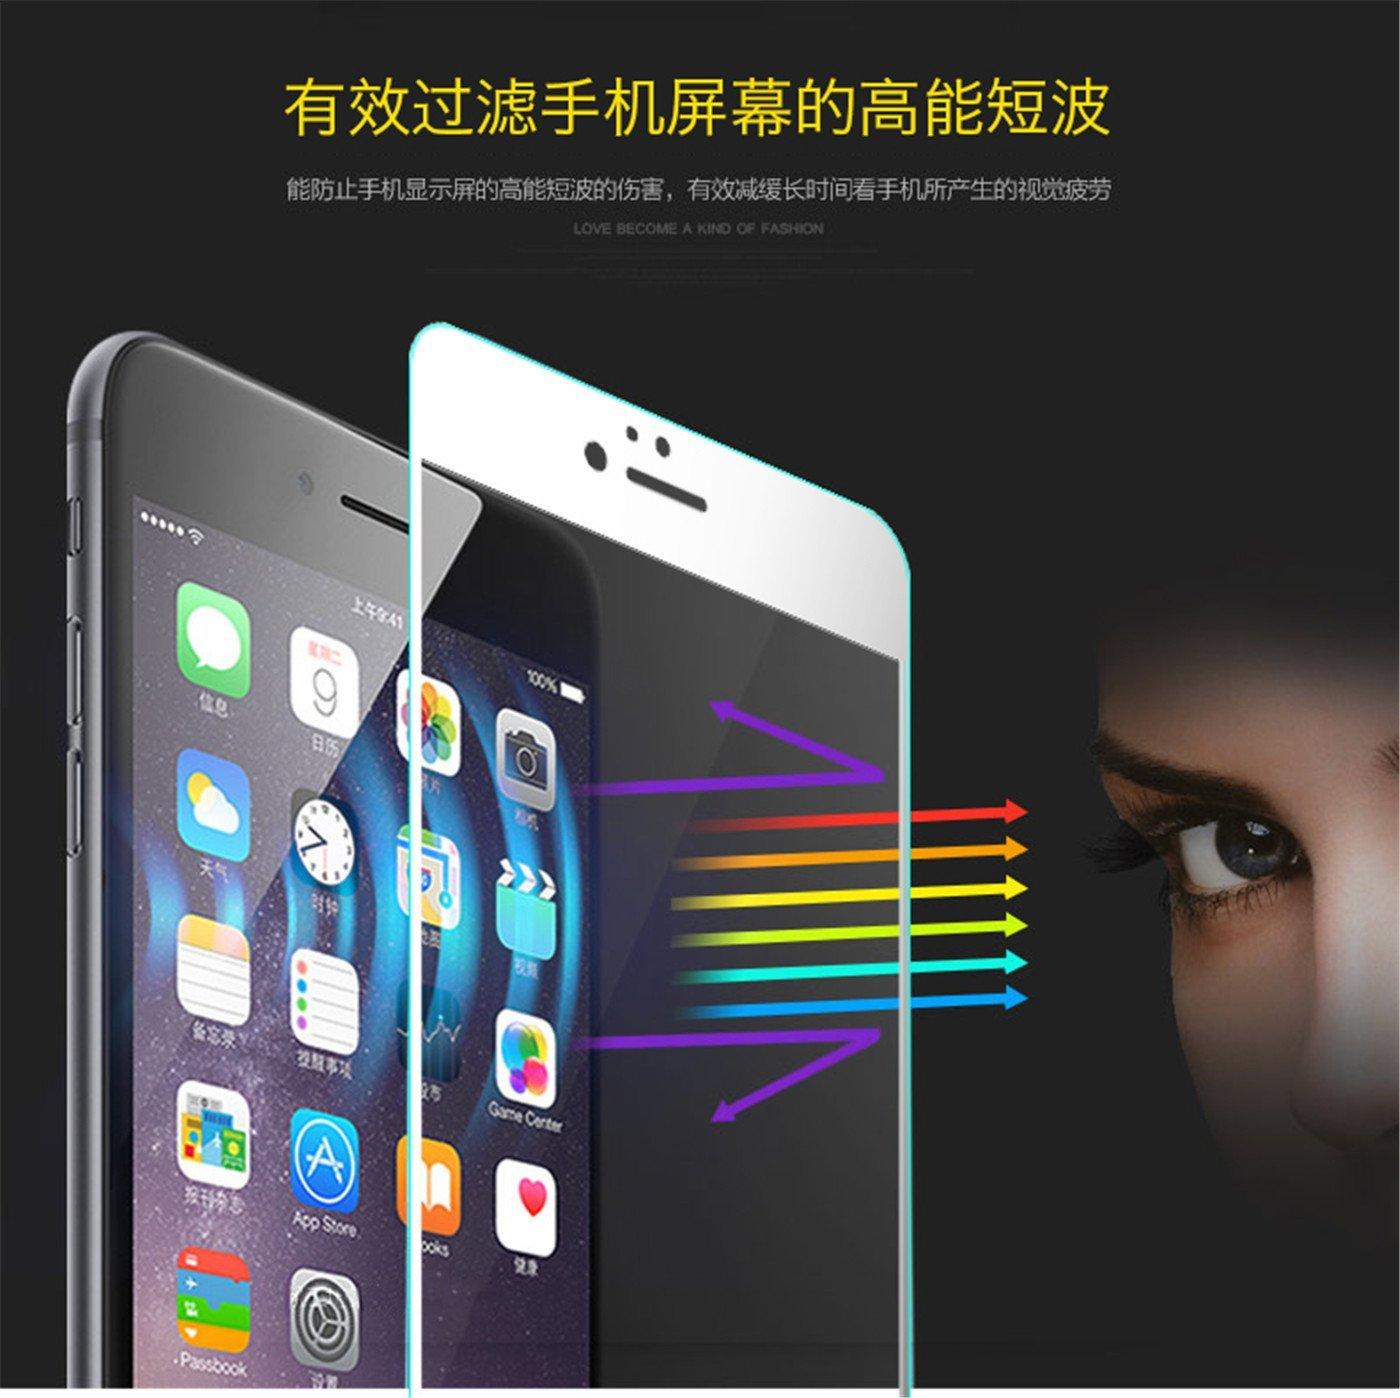 YOCY tinh thể không được áp dụng trong loạt phim iPhone6 kính chống đạn. 6S phòng màu xanh bao phủ t